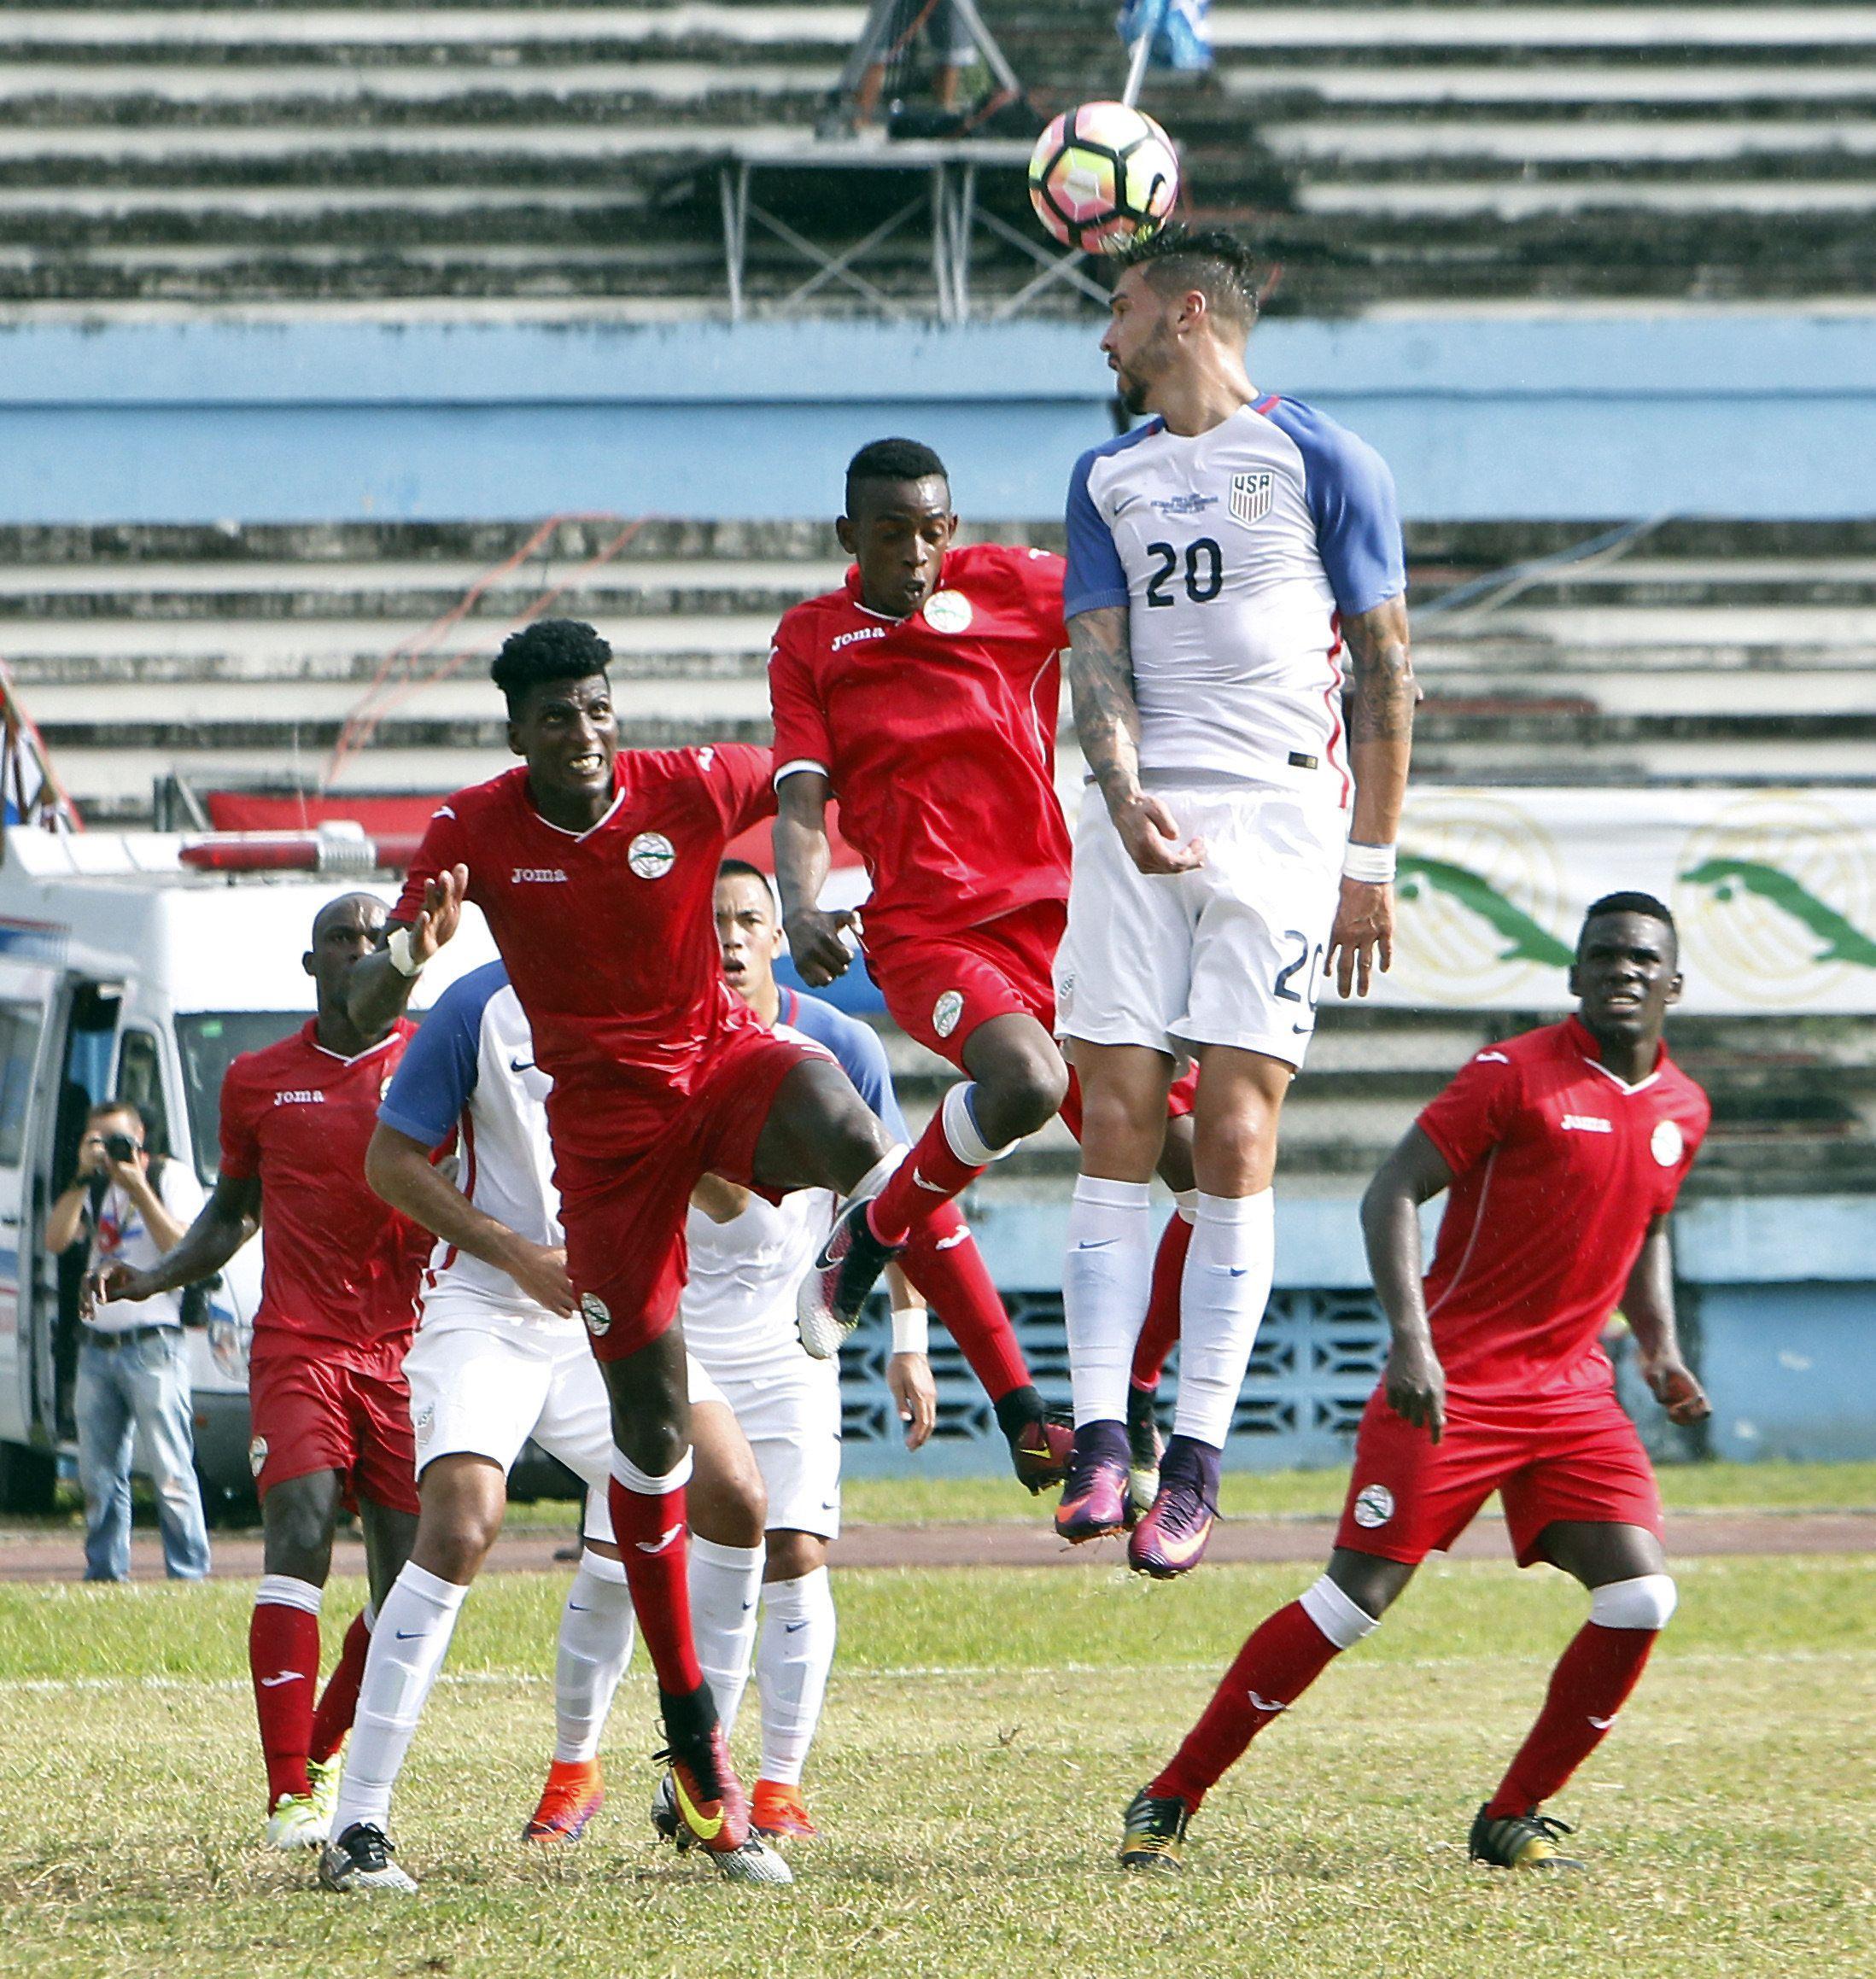 Estados Unidos venció a Cuba 2-0 en La Habana en primer partido amistoso tras 70 años.